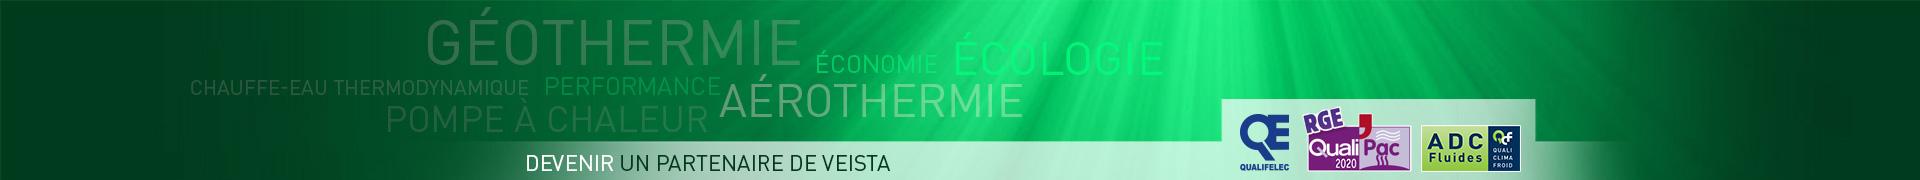 Veista, climatisation, géothermie, aérothermie, chauffe-eau thermodynamique, plancher chauffant, pompe à chaleur, Nantes, La Baule, Guérande, 44